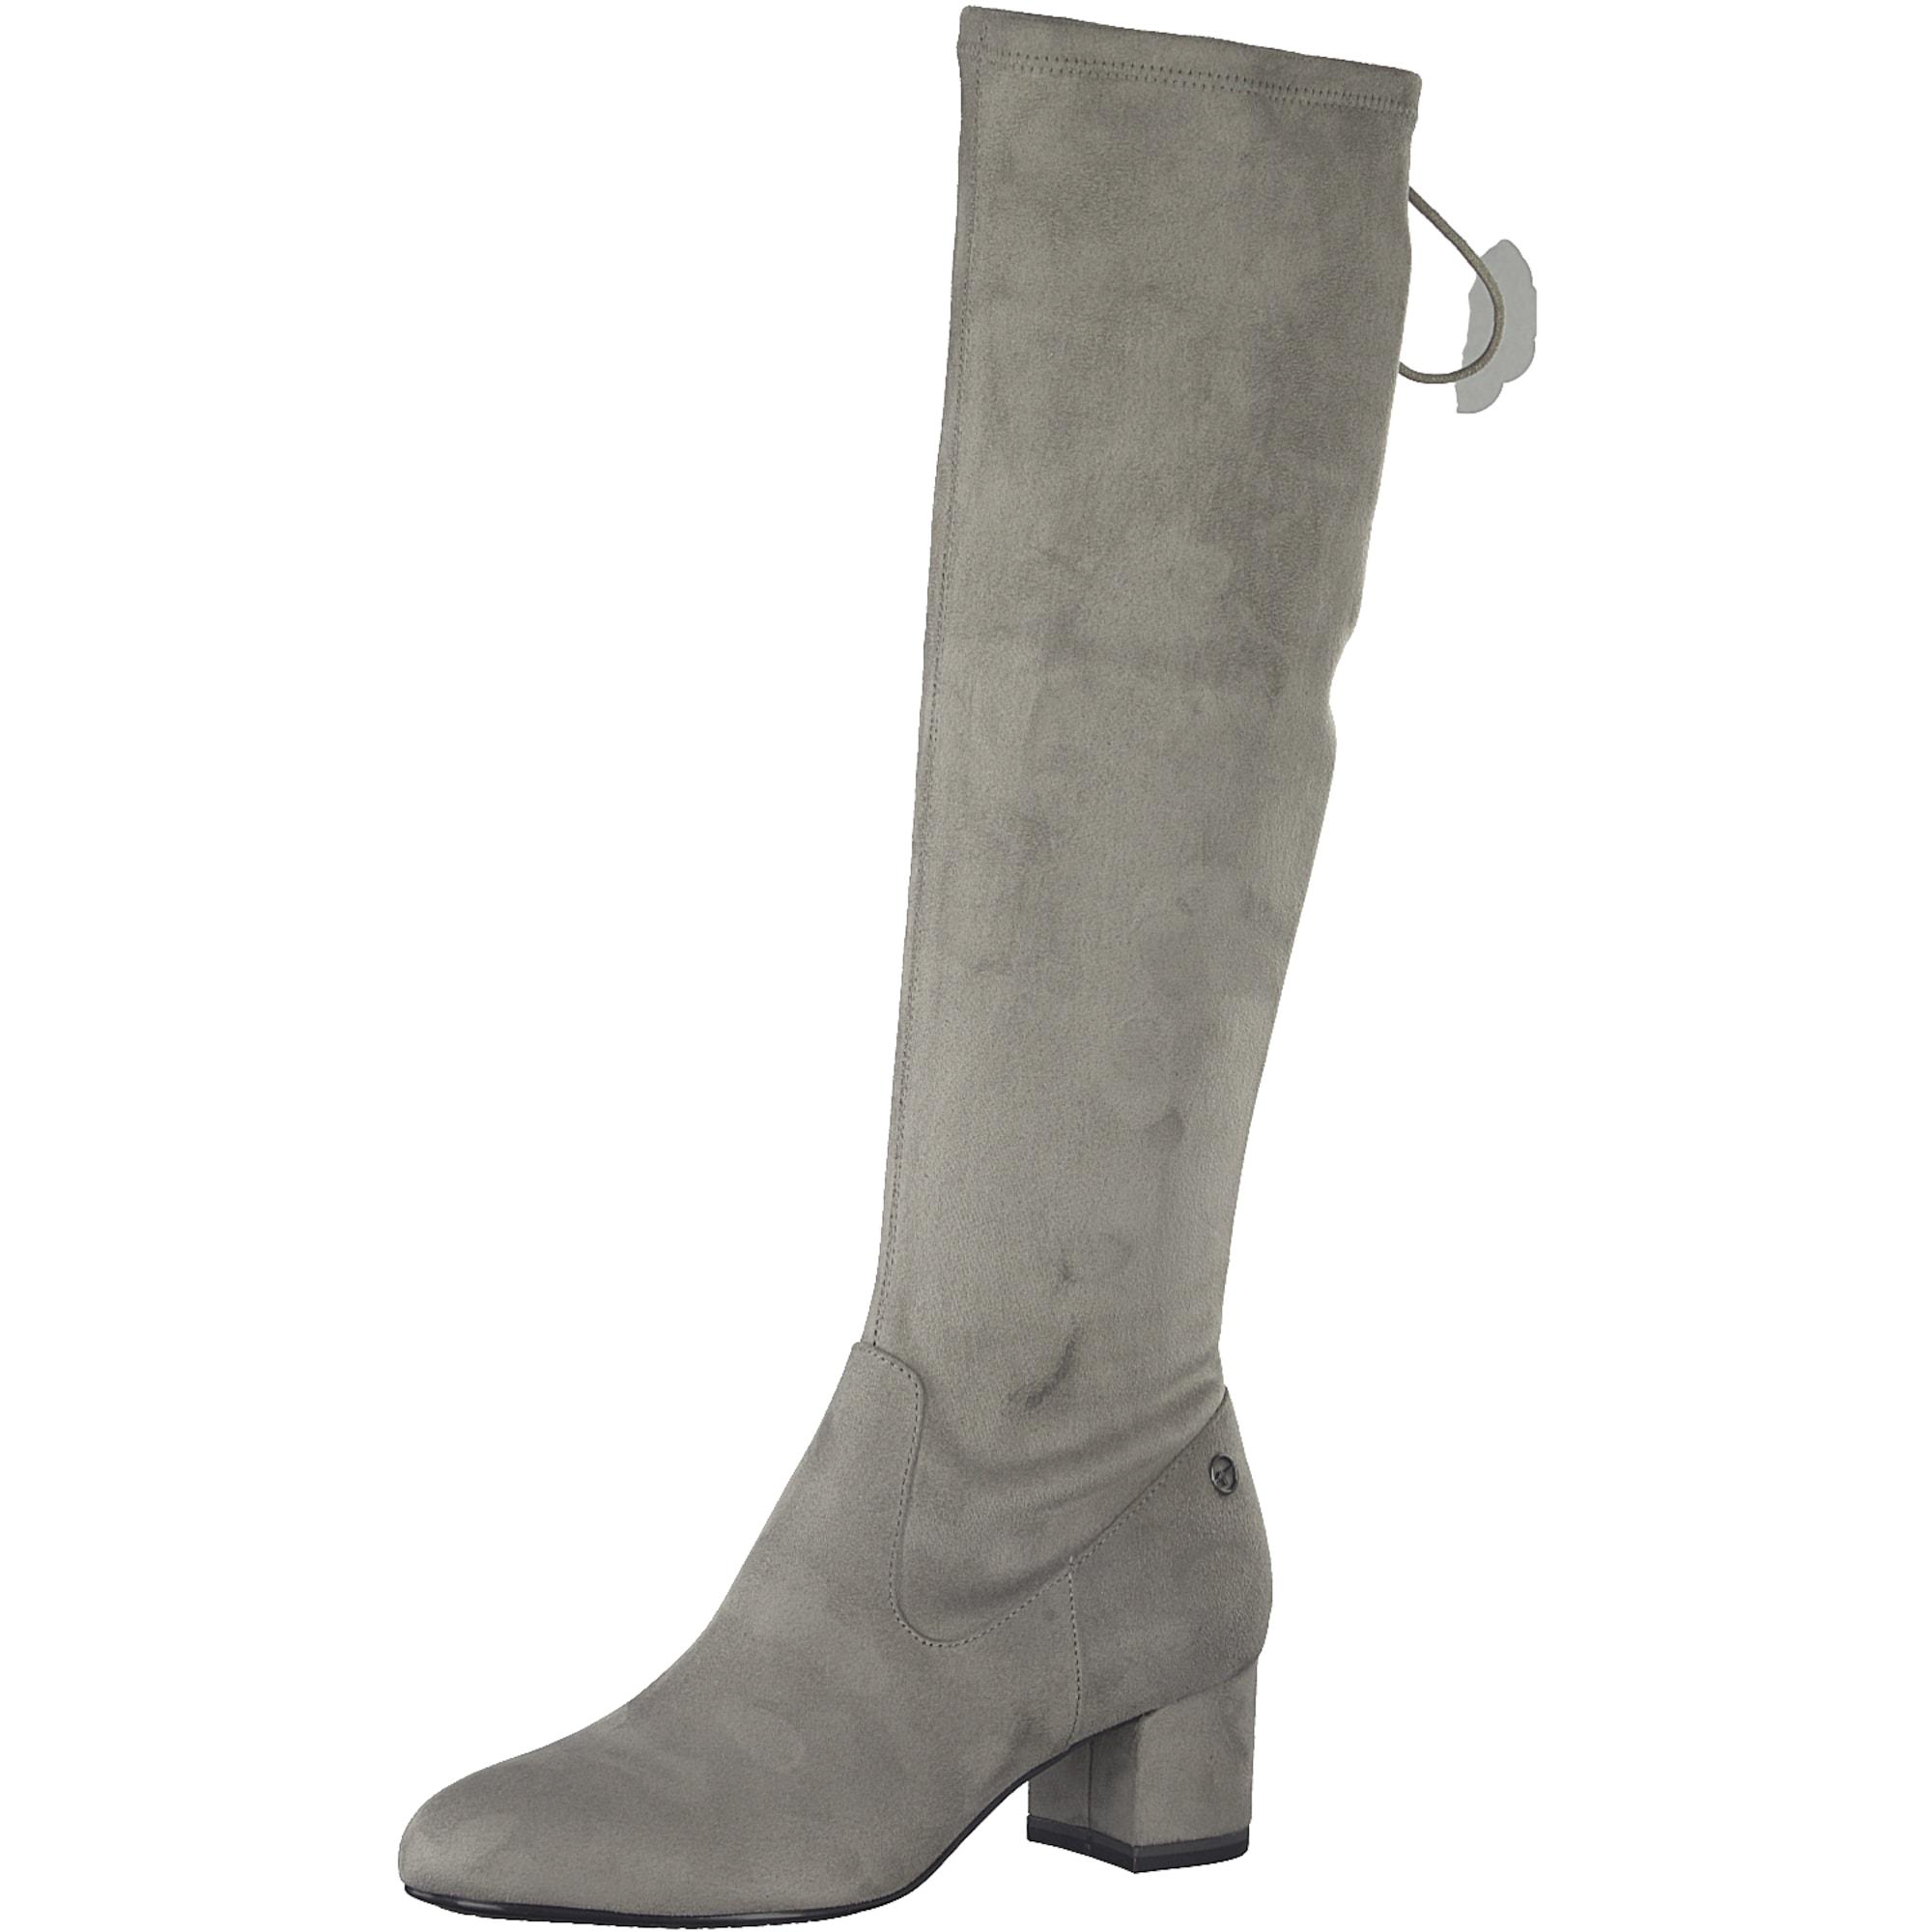 TAMARIS, Dames Overknee laarzen, lichtgrijs